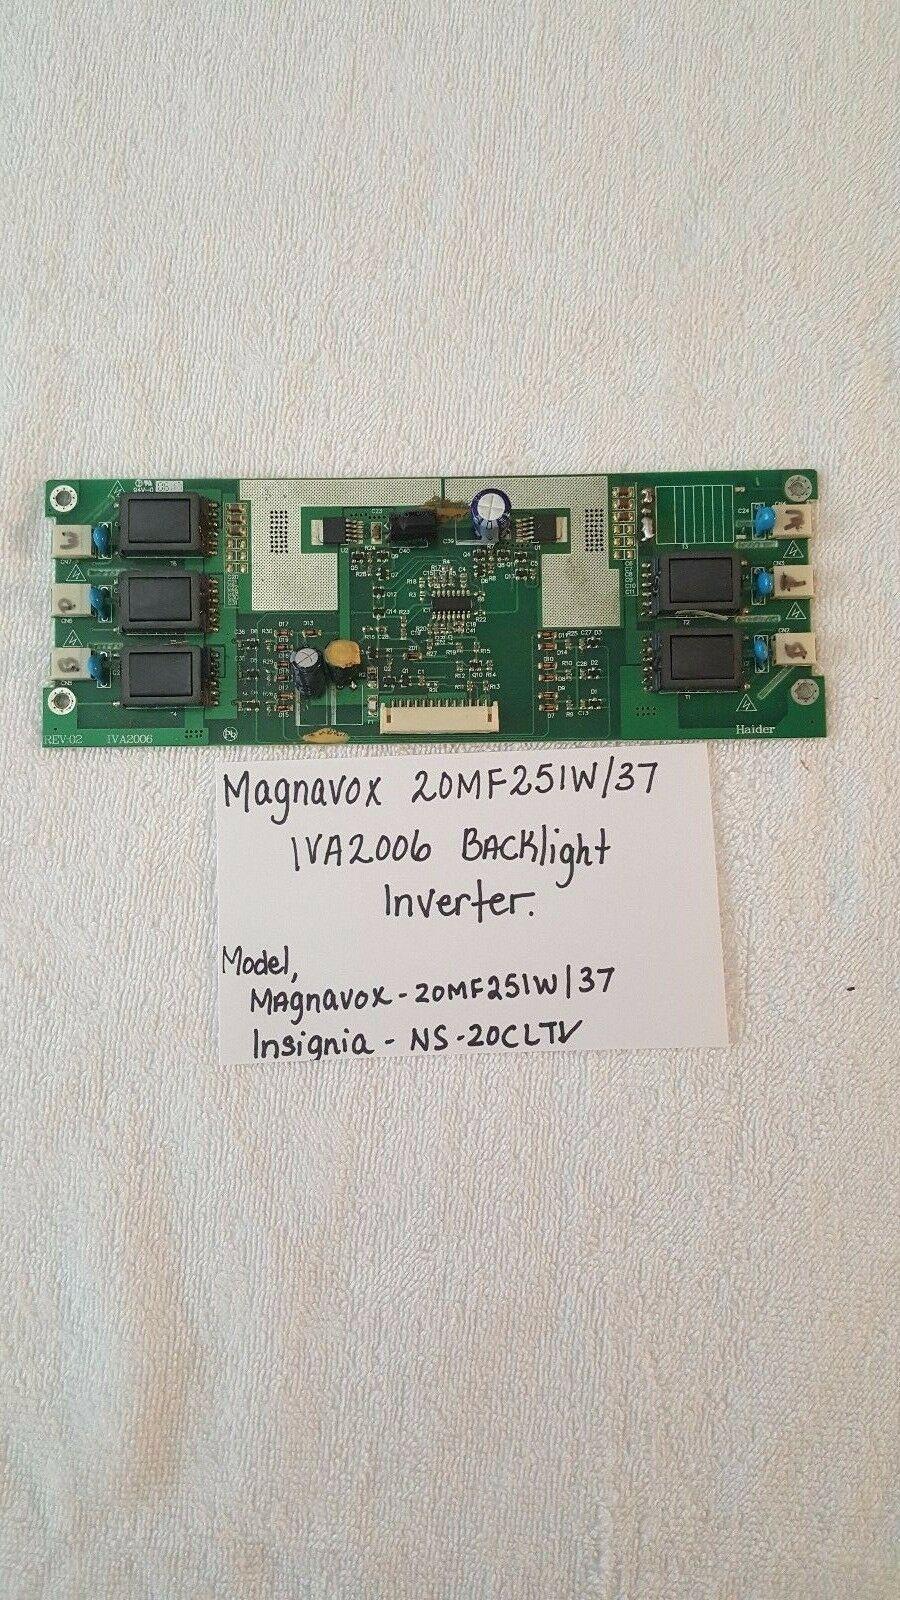 Magnavox 20MF251W/37 IVA2006 Backlight Inverter Board - $34.65